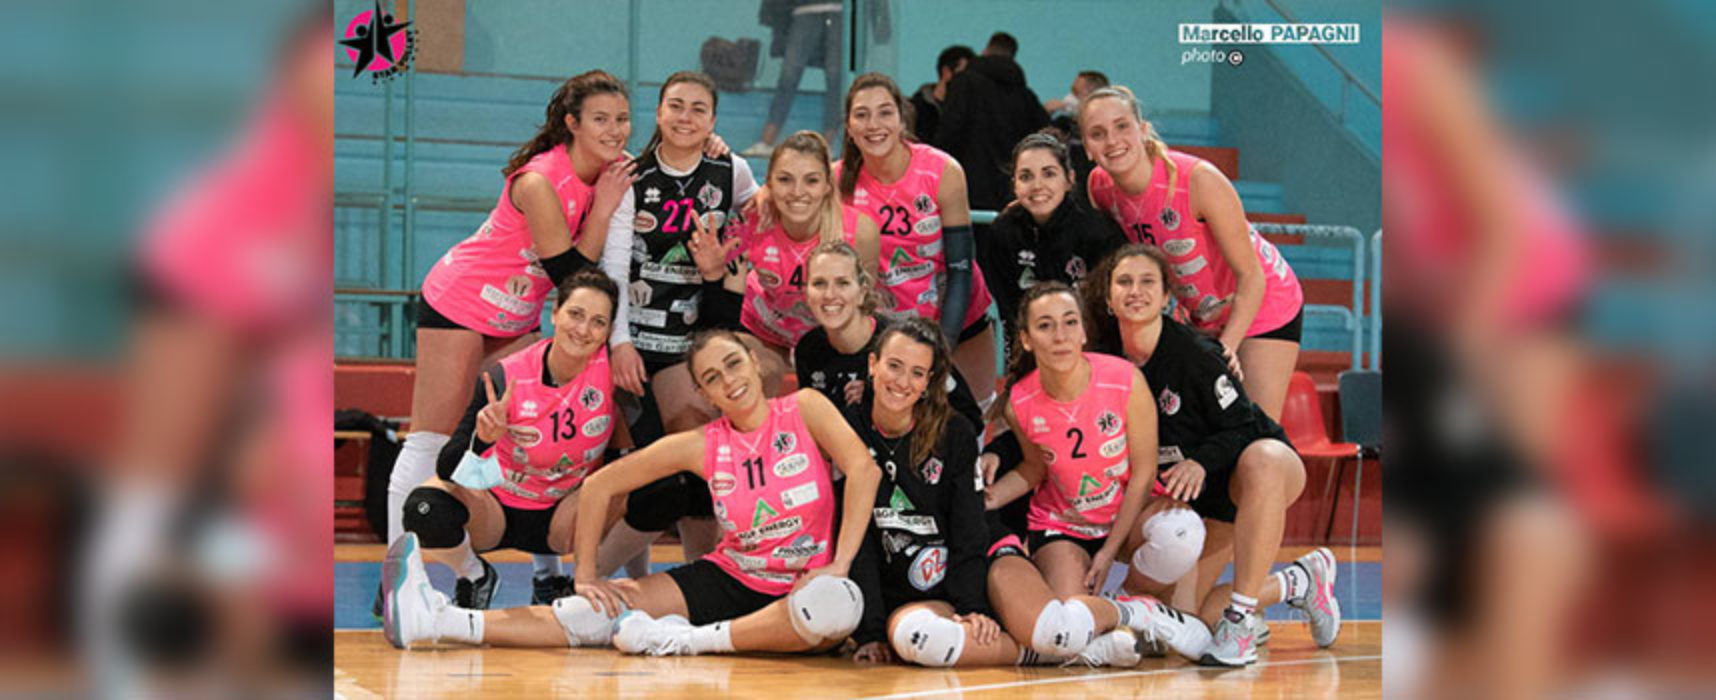 Star Volley Bisceglie, prima vittoria della sua storia all'esordio in campionato